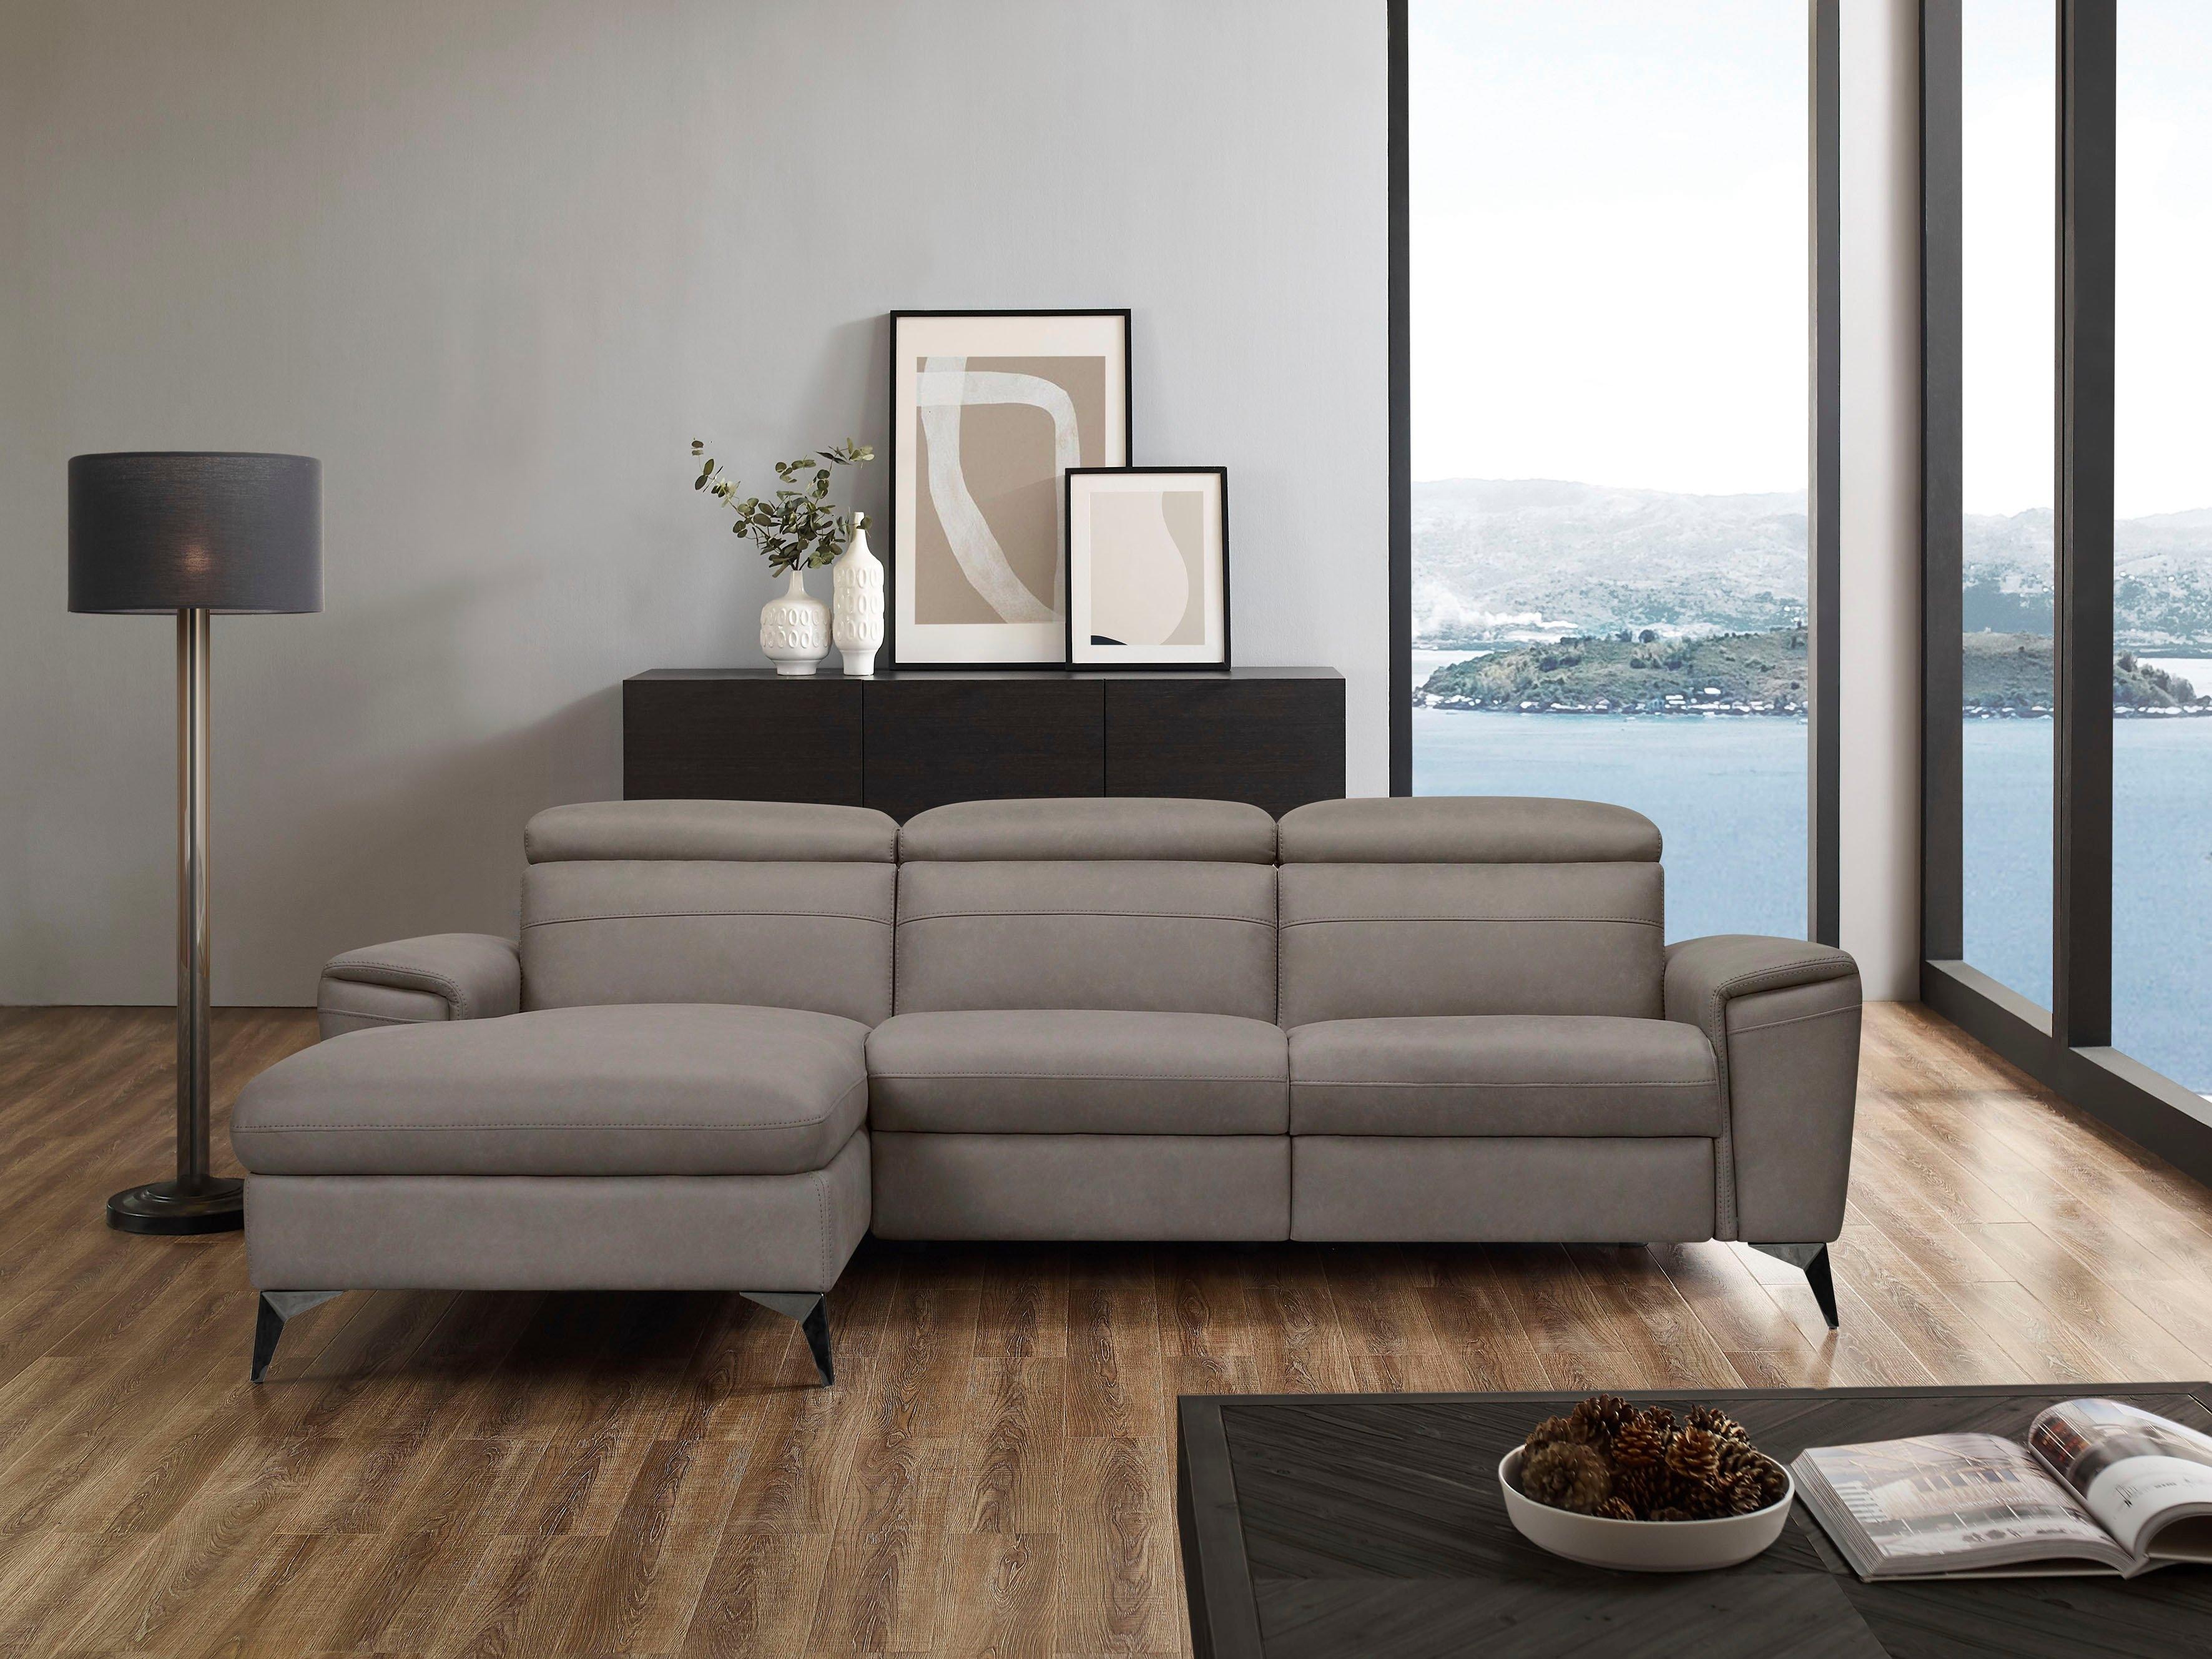 Places of Style hoekbank THERON elektrische relaxfunctie, usb-aansluiting, handmatig verstelbaar hoofdeind - verschillende betaalmethodes